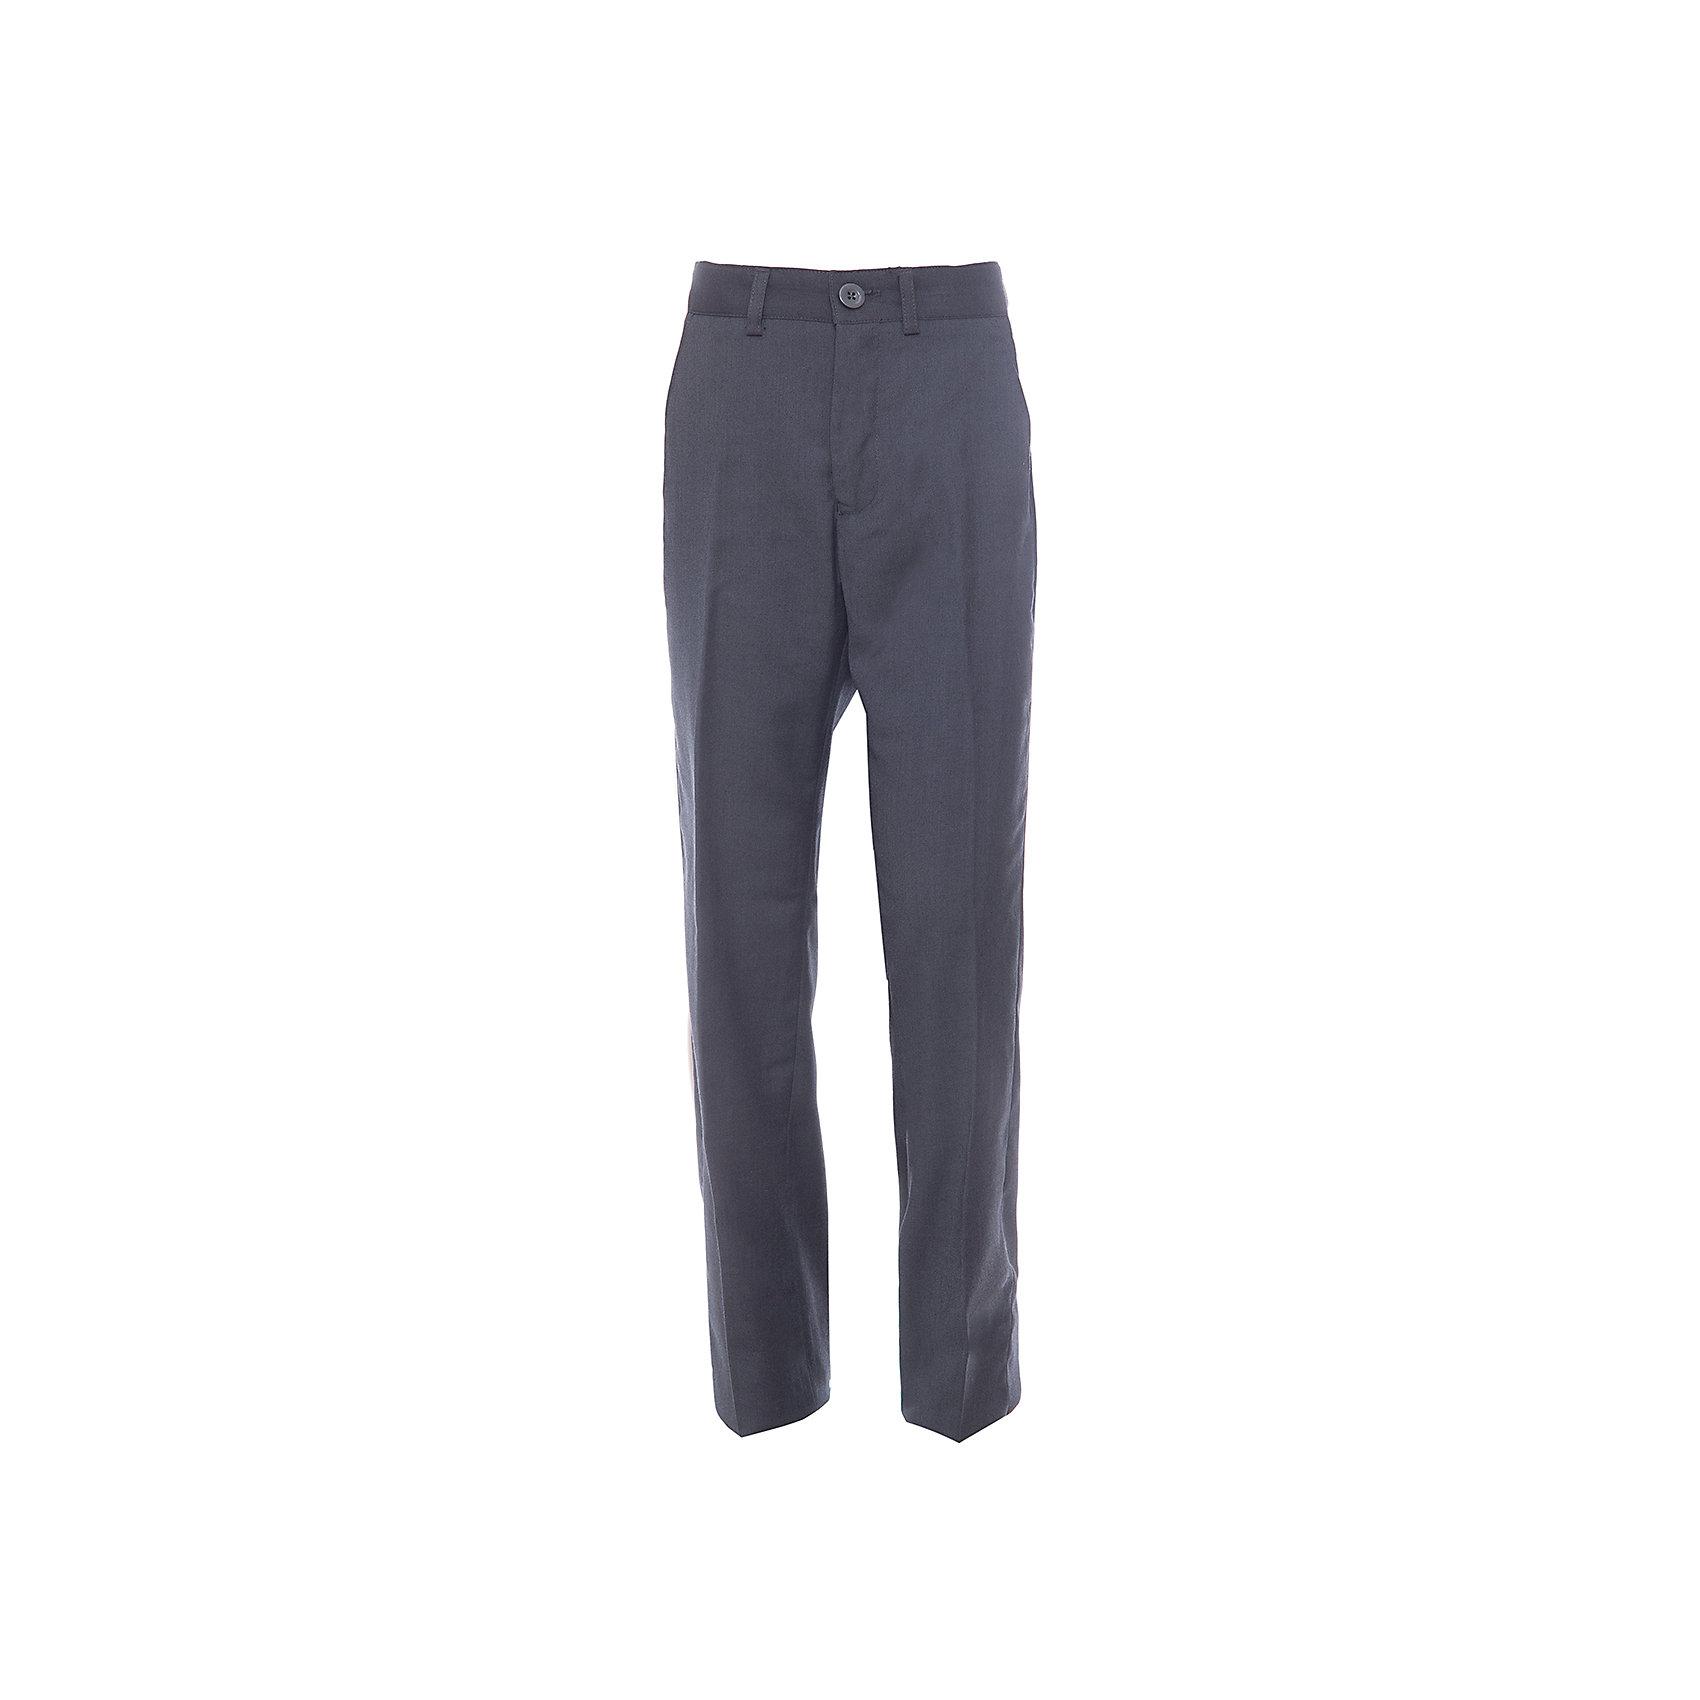 Брюки для мальчика Button BlueКлассические темные брюки - оптимальное решение для каждого школьного дня! Брюки имеют модную посадку на фигуре, прекрасно сидят и хорошо держат форму. Внутренняя часть пояса имеет удобную регулировку объема.<br>Состав:<br>ткань верха:  80% полиэстер, 20% вискоза  подкладка:  100%полиэстер<br><br>Ширина мм: 215<br>Глубина мм: 88<br>Высота мм: 191<br>Вес г: 336<br>Цвет: серый<br>Возраст от месяцев: 120<br>Возраст до месяцев: 132<br>Пол: Мужской<br>Возраст: Детский<br>Размер: 146,158,122,140,134,152,128<br>SKU: 4147270